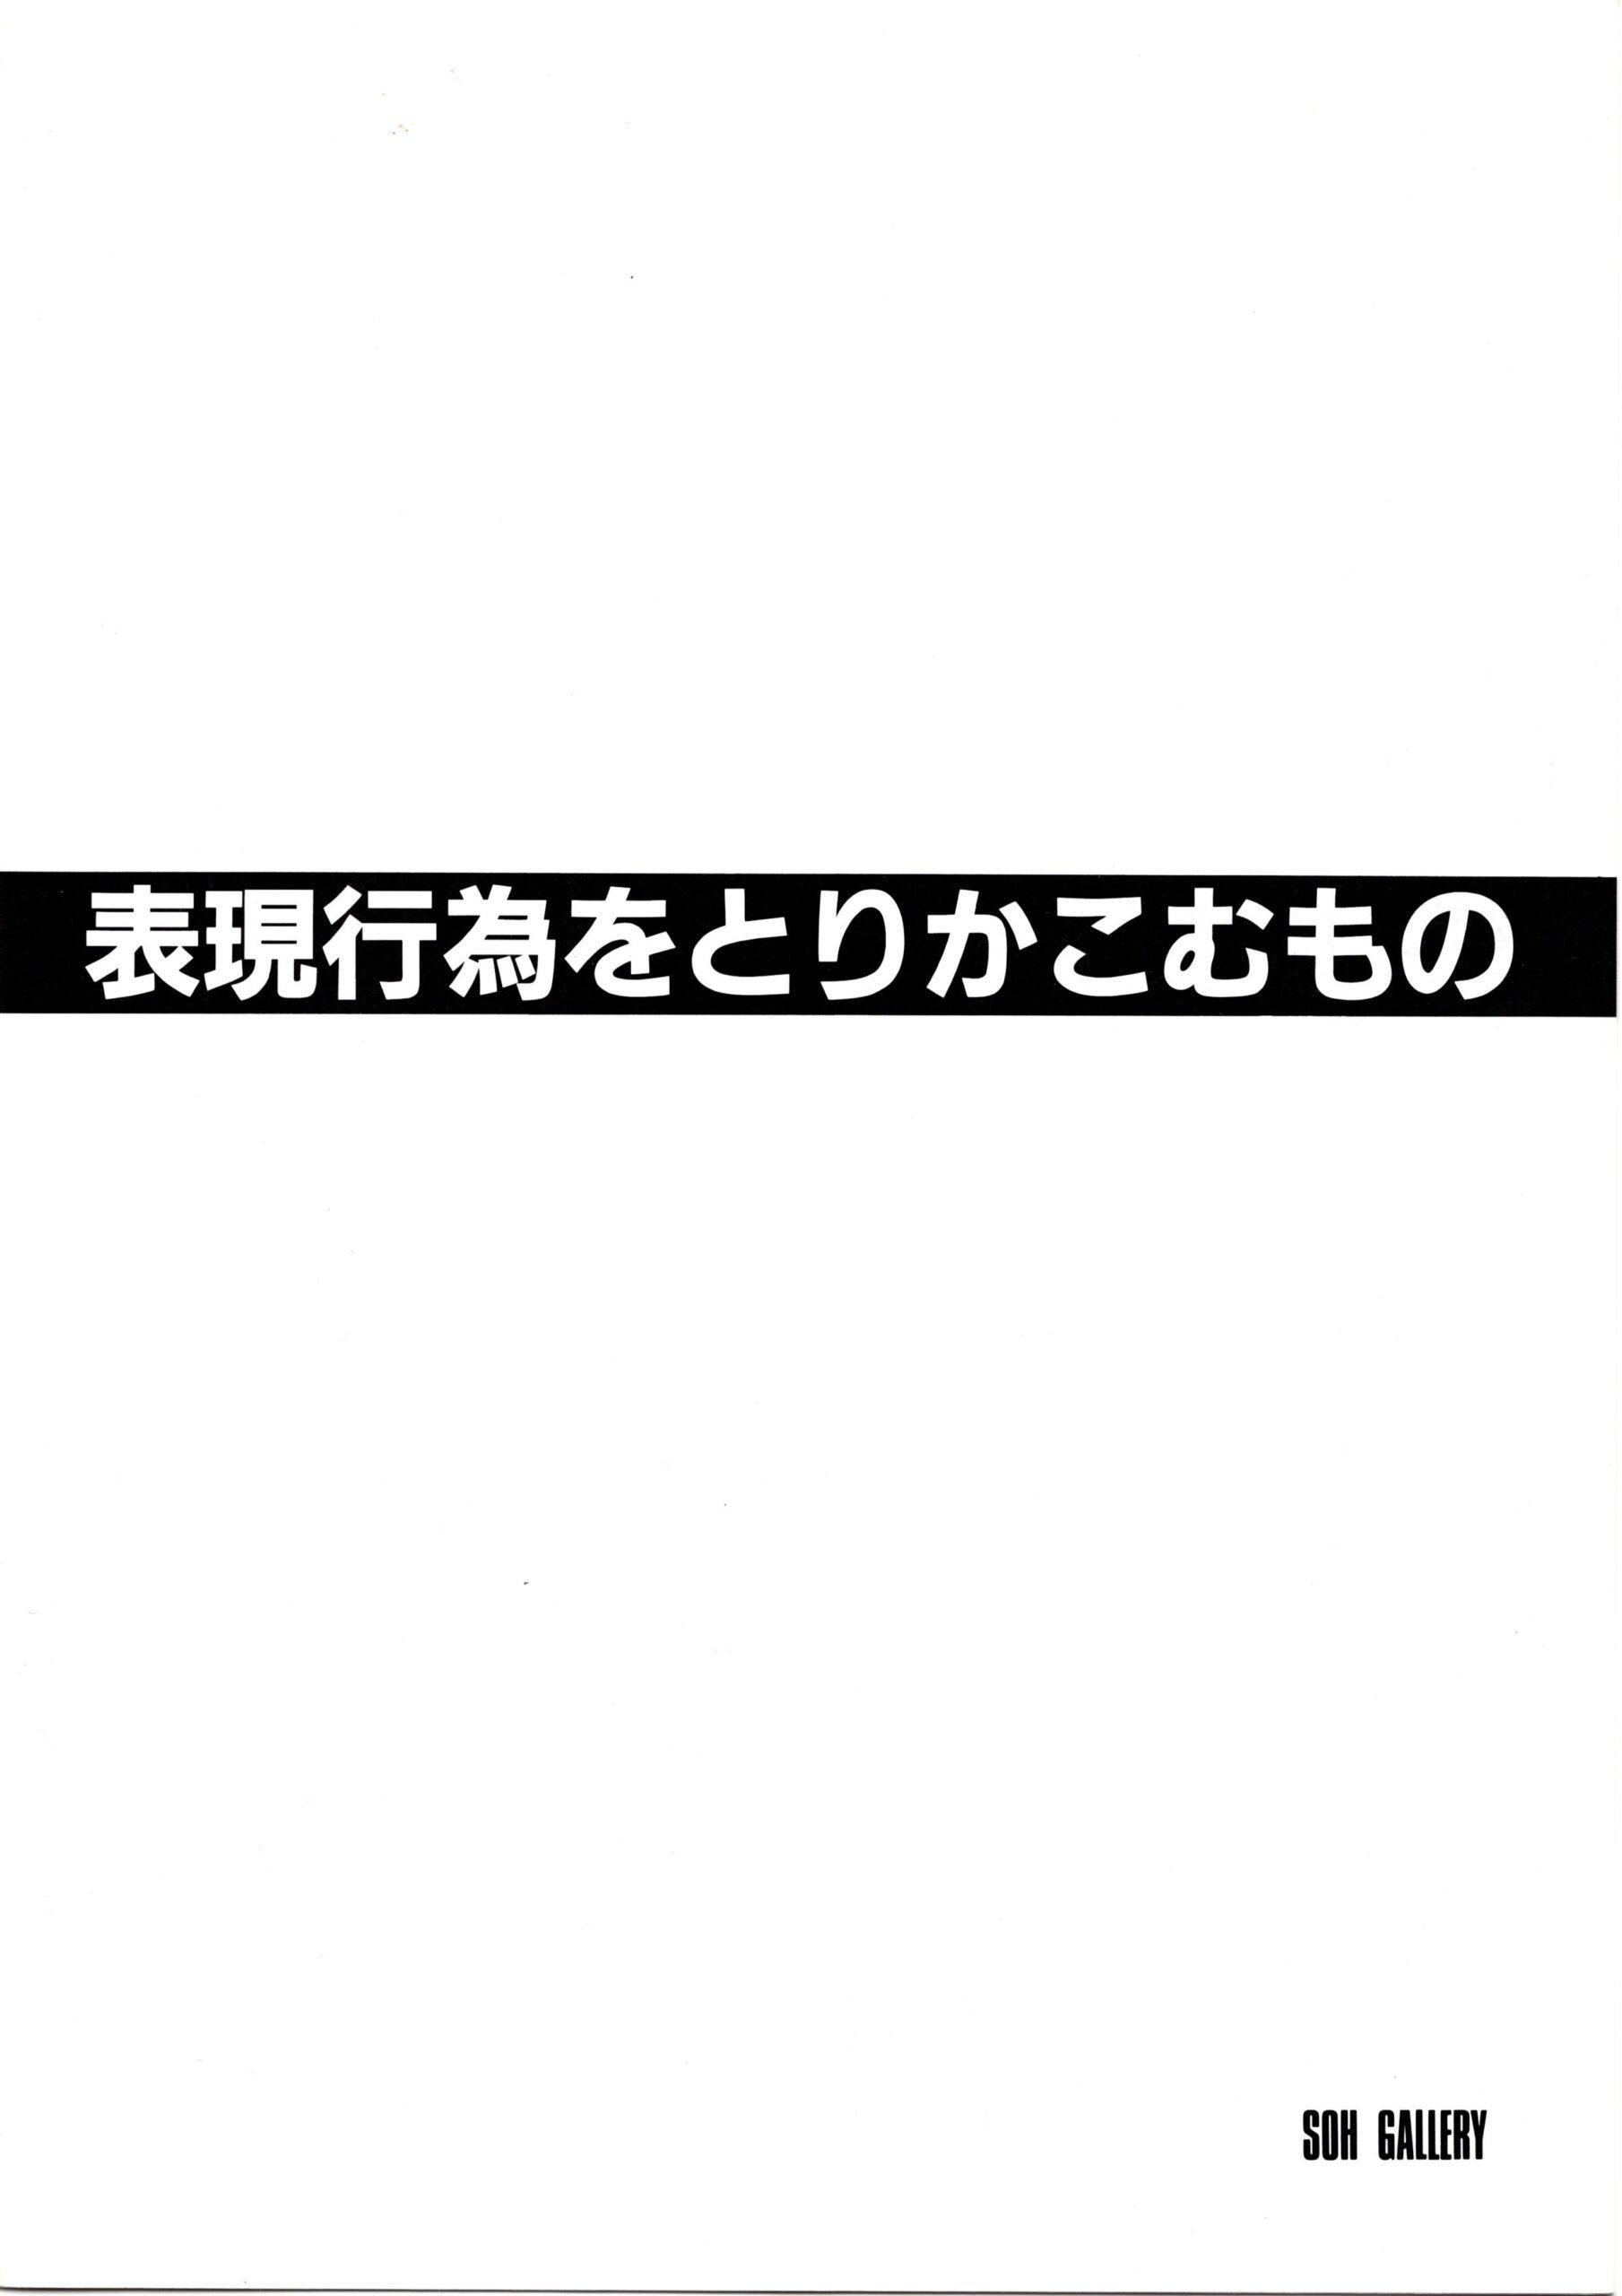 秋元雄史・柳幸典展-場・状況 そして出会い「表現行為をとりかこむもの」